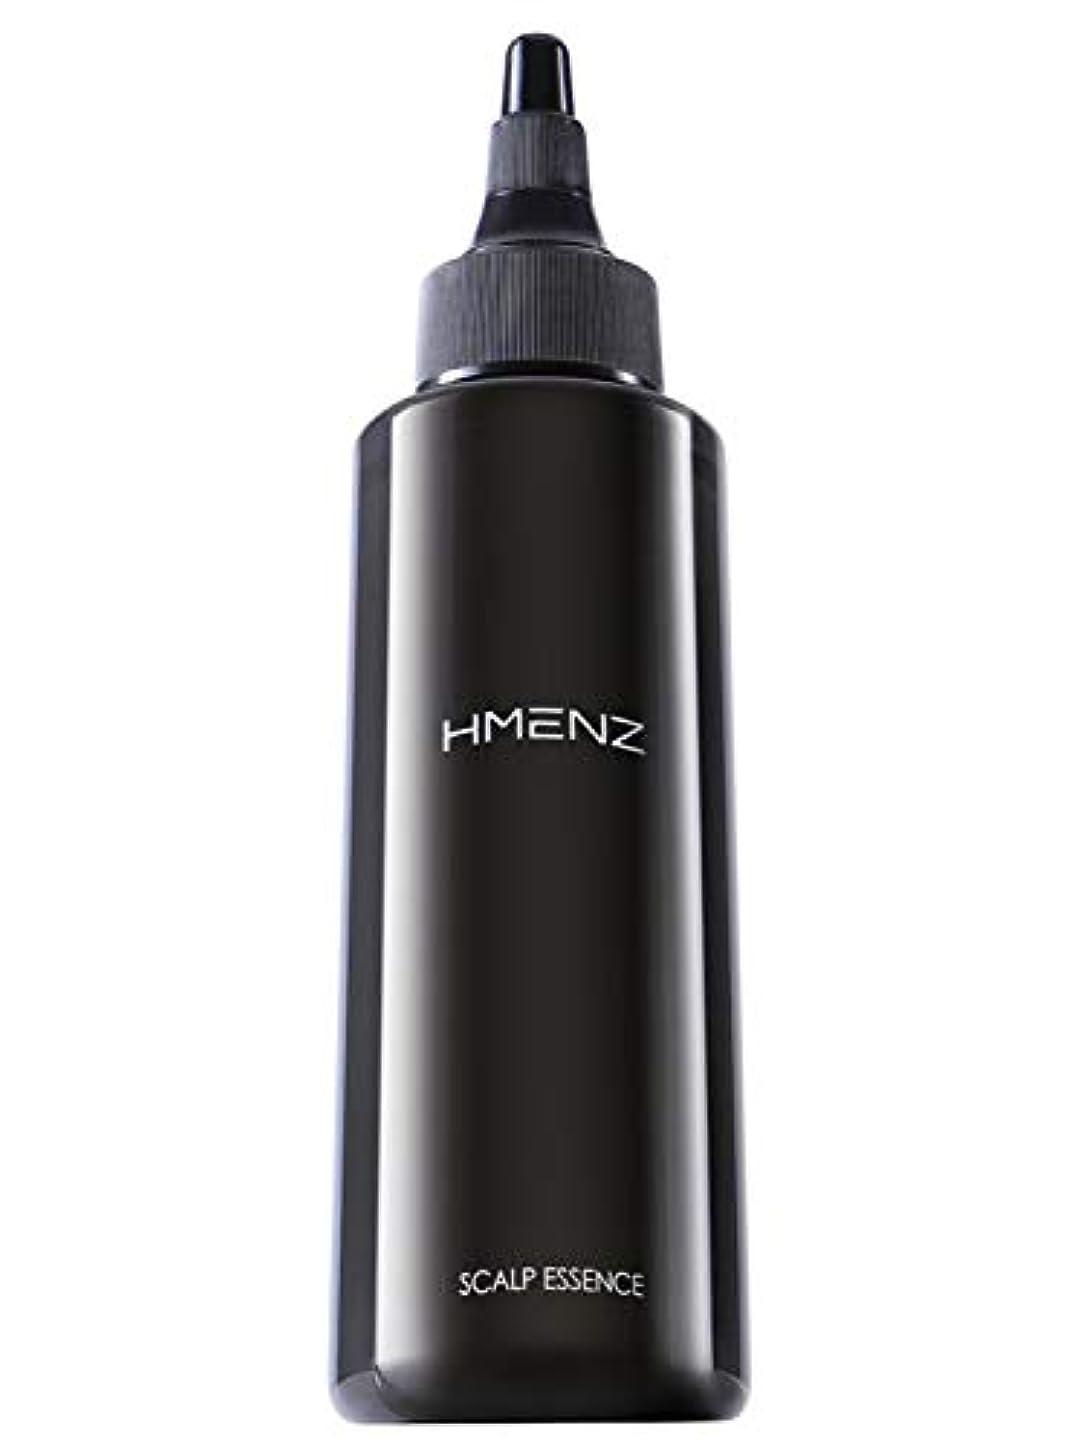 シャベル蘇生する地平線医薬部外品 HMENZ メンズ 育毛剤 スカルプエッセンス 毛髪エイジングケアシリーズ 和漢根 海藻配合 育毛トニック 120ml